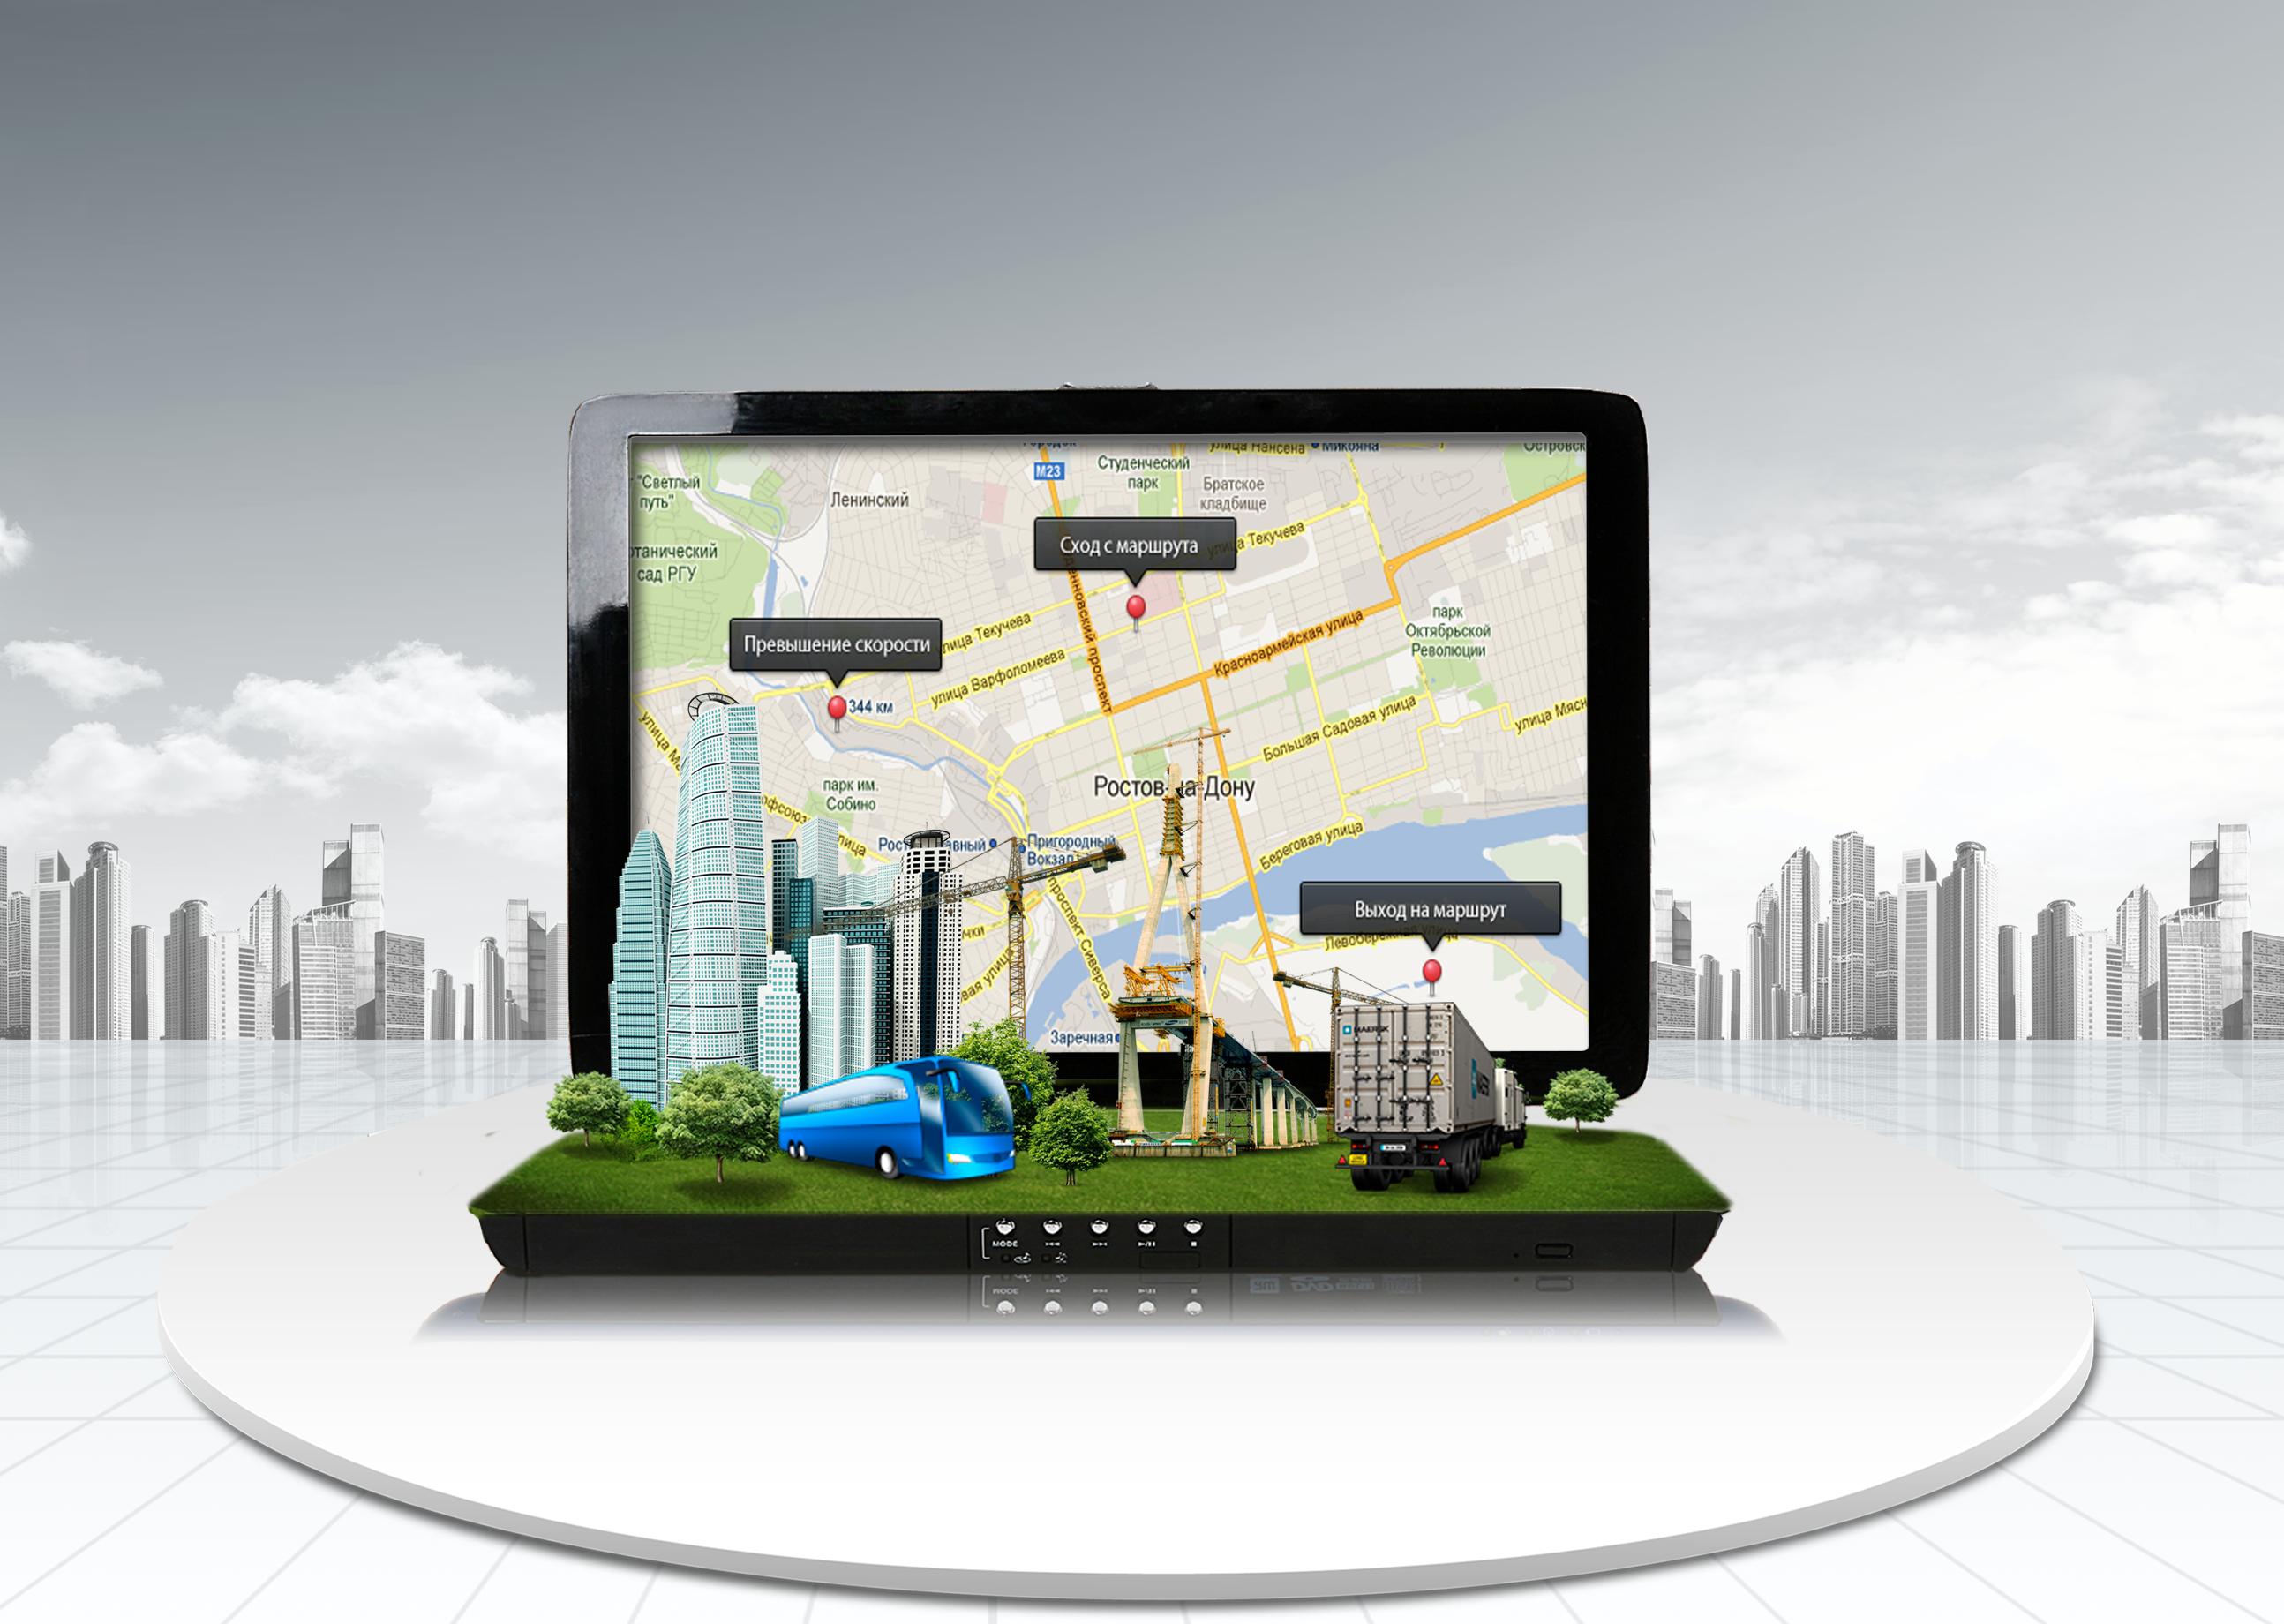 Системы контроля автомобильного транспорта